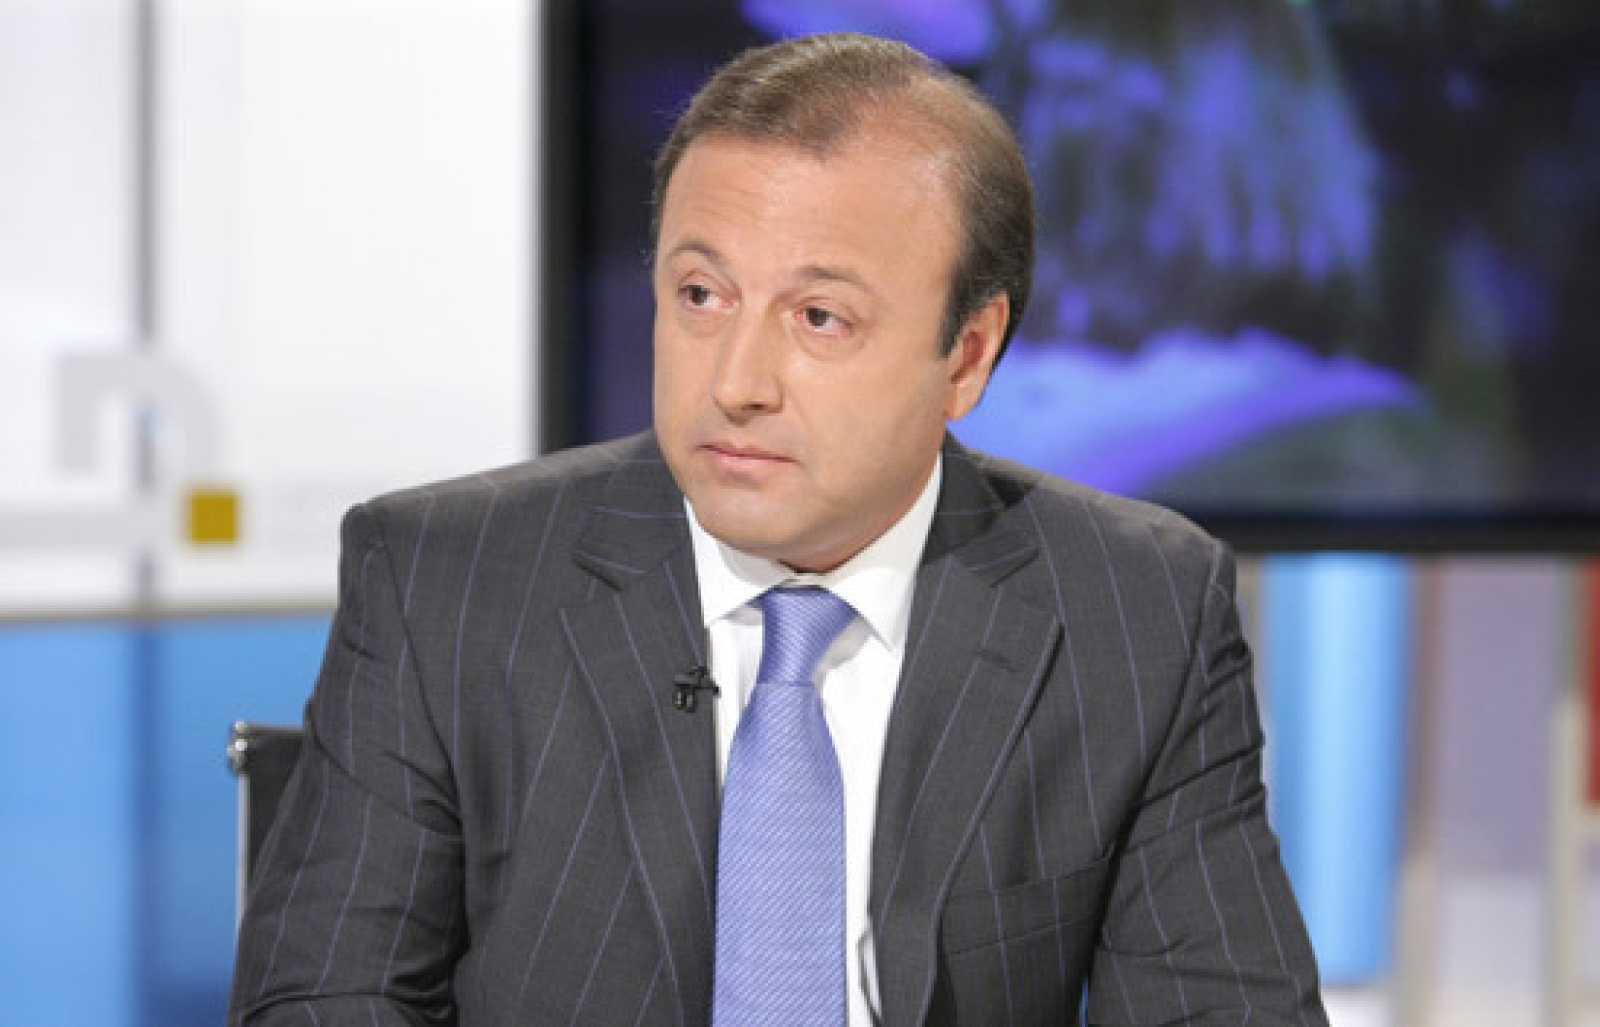 El político mallorquín ha fallecido este lunes en Palma.